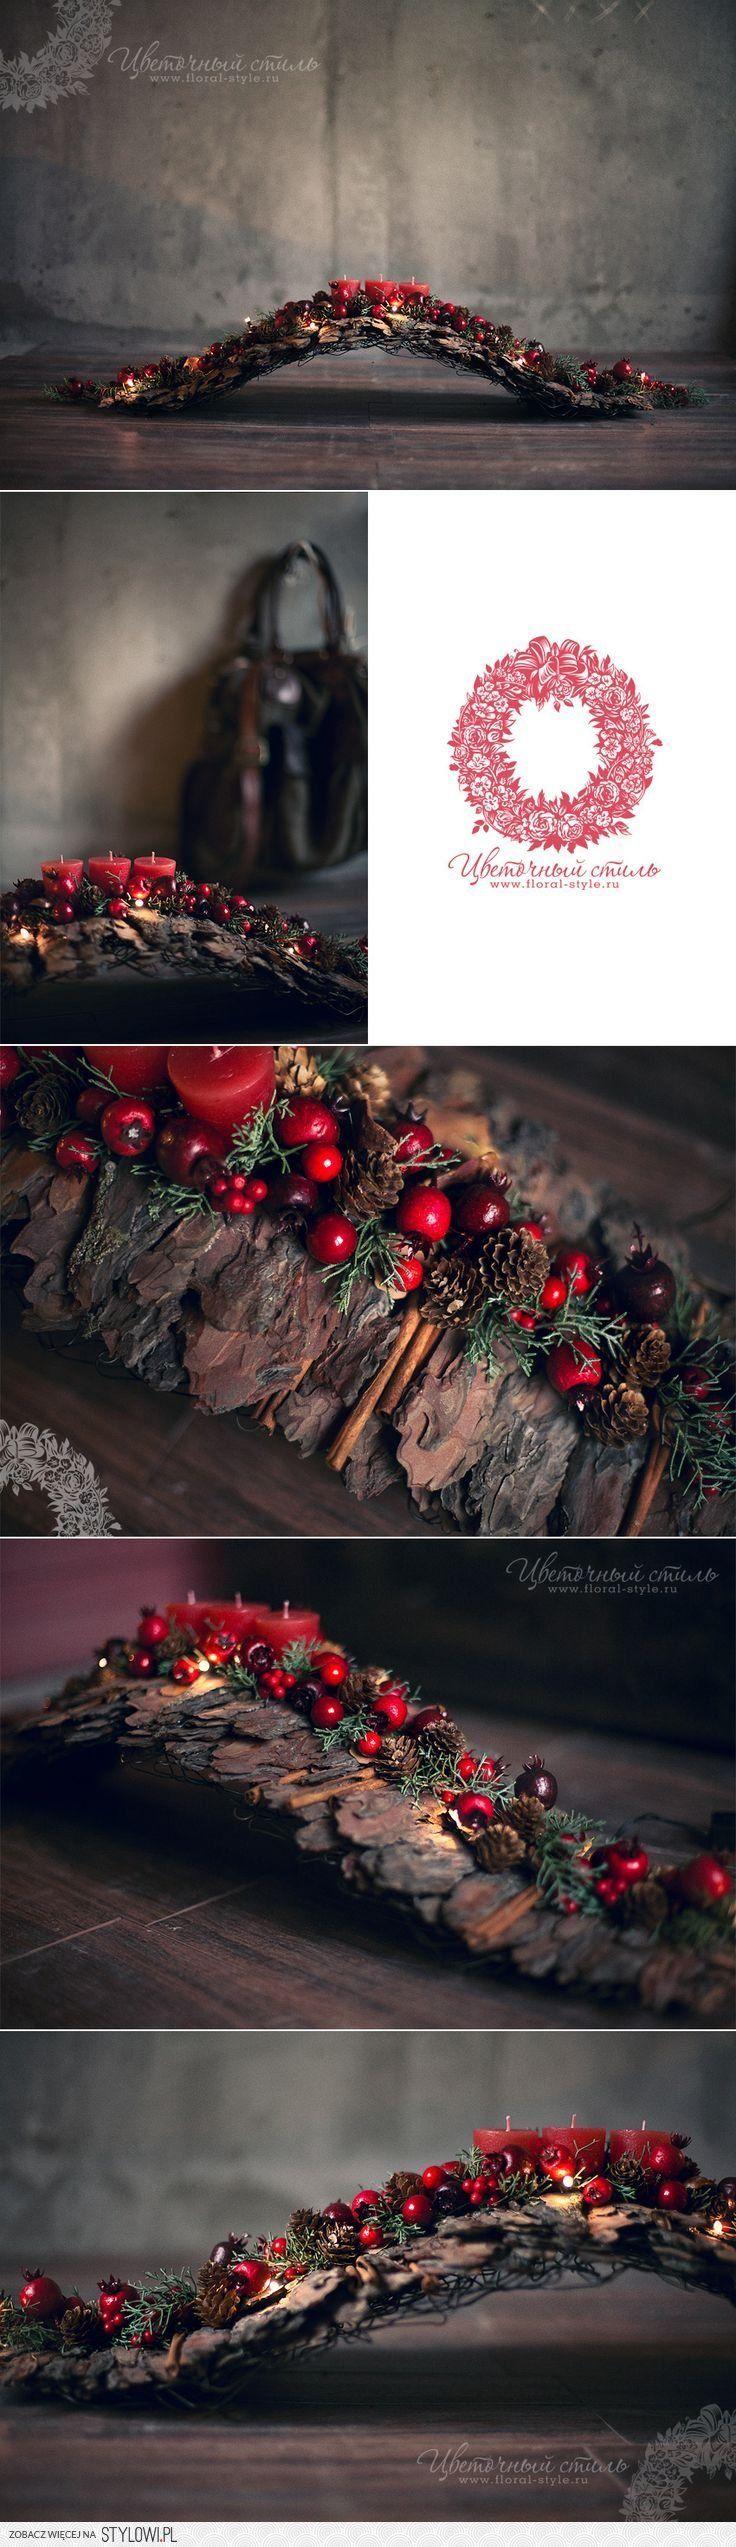 Stroik wi teczny deko for Weihnachtsideen dekoration